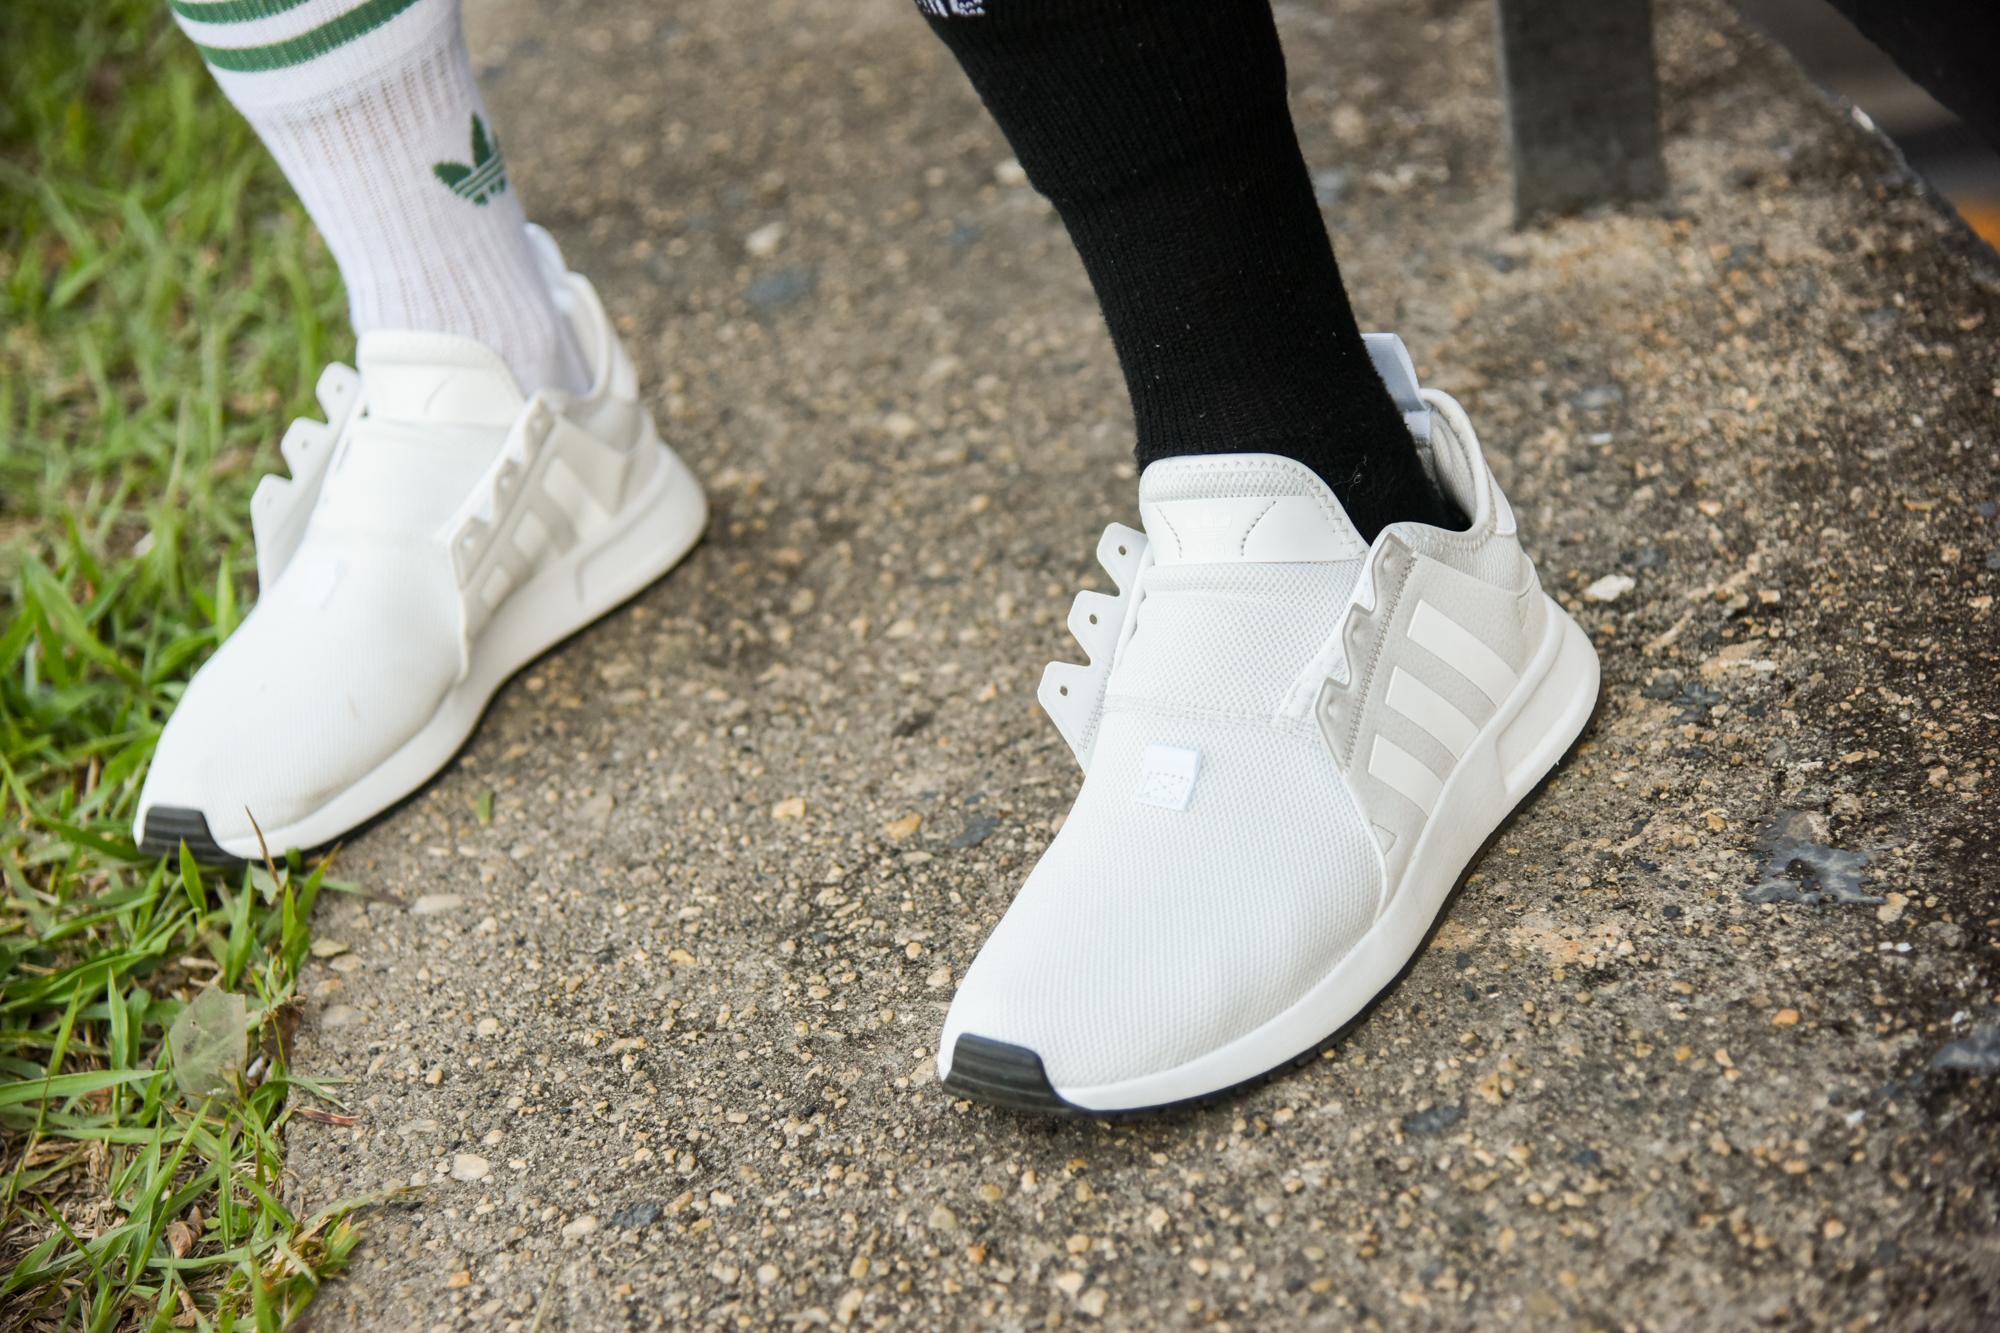 Galeria de Fotos Streetstyle FFW x Adidas  o look dos convidados do SPFW  N44    Foto 11    Notícias    FFW d58a00ed8a